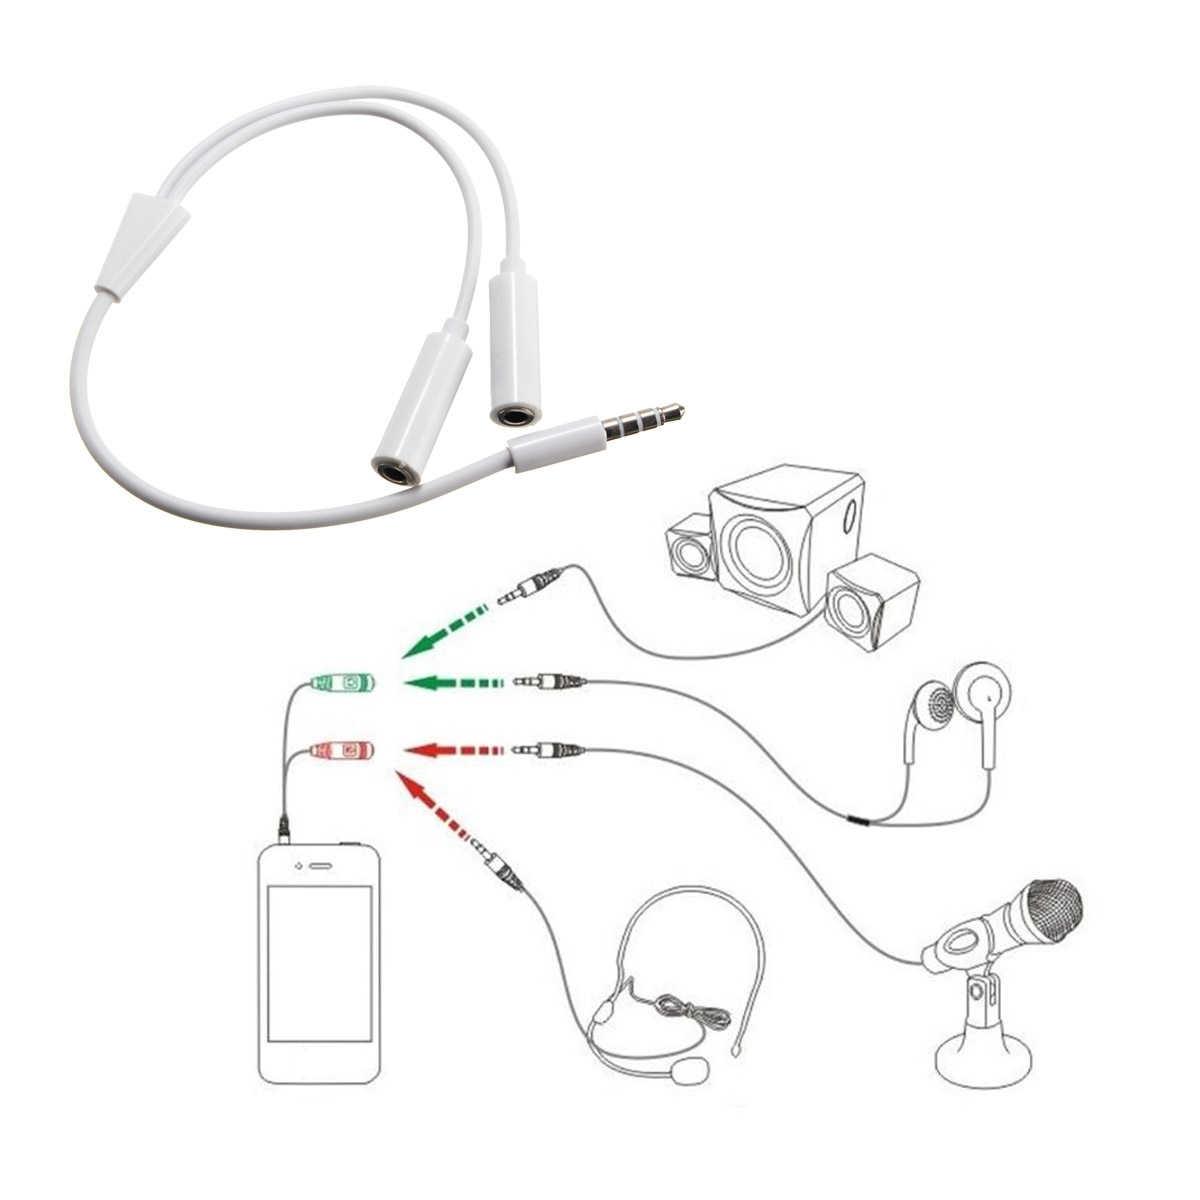 3.5mm Y kabel splittera 1 męski na 2 podwójne żeński kabel Audio do słuchawki zestaw słuchawkowy słuchawki MP3 MP4 Wtyczka stereo linii adapter Jack